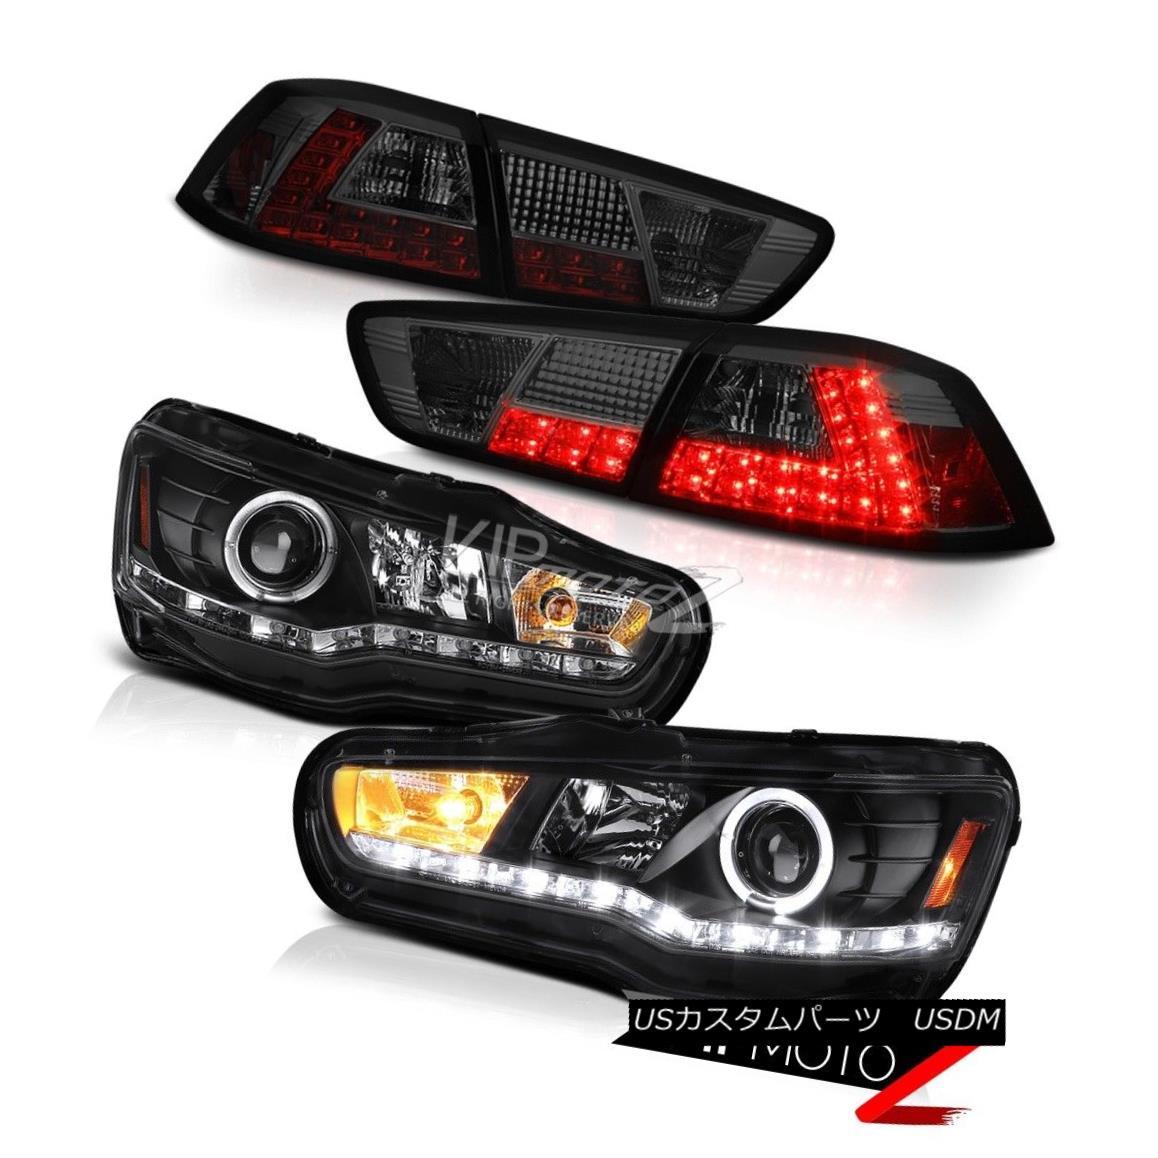 ヘッドライト 08-14 Lancer Evolution X Black [HID] Headlights Smoke